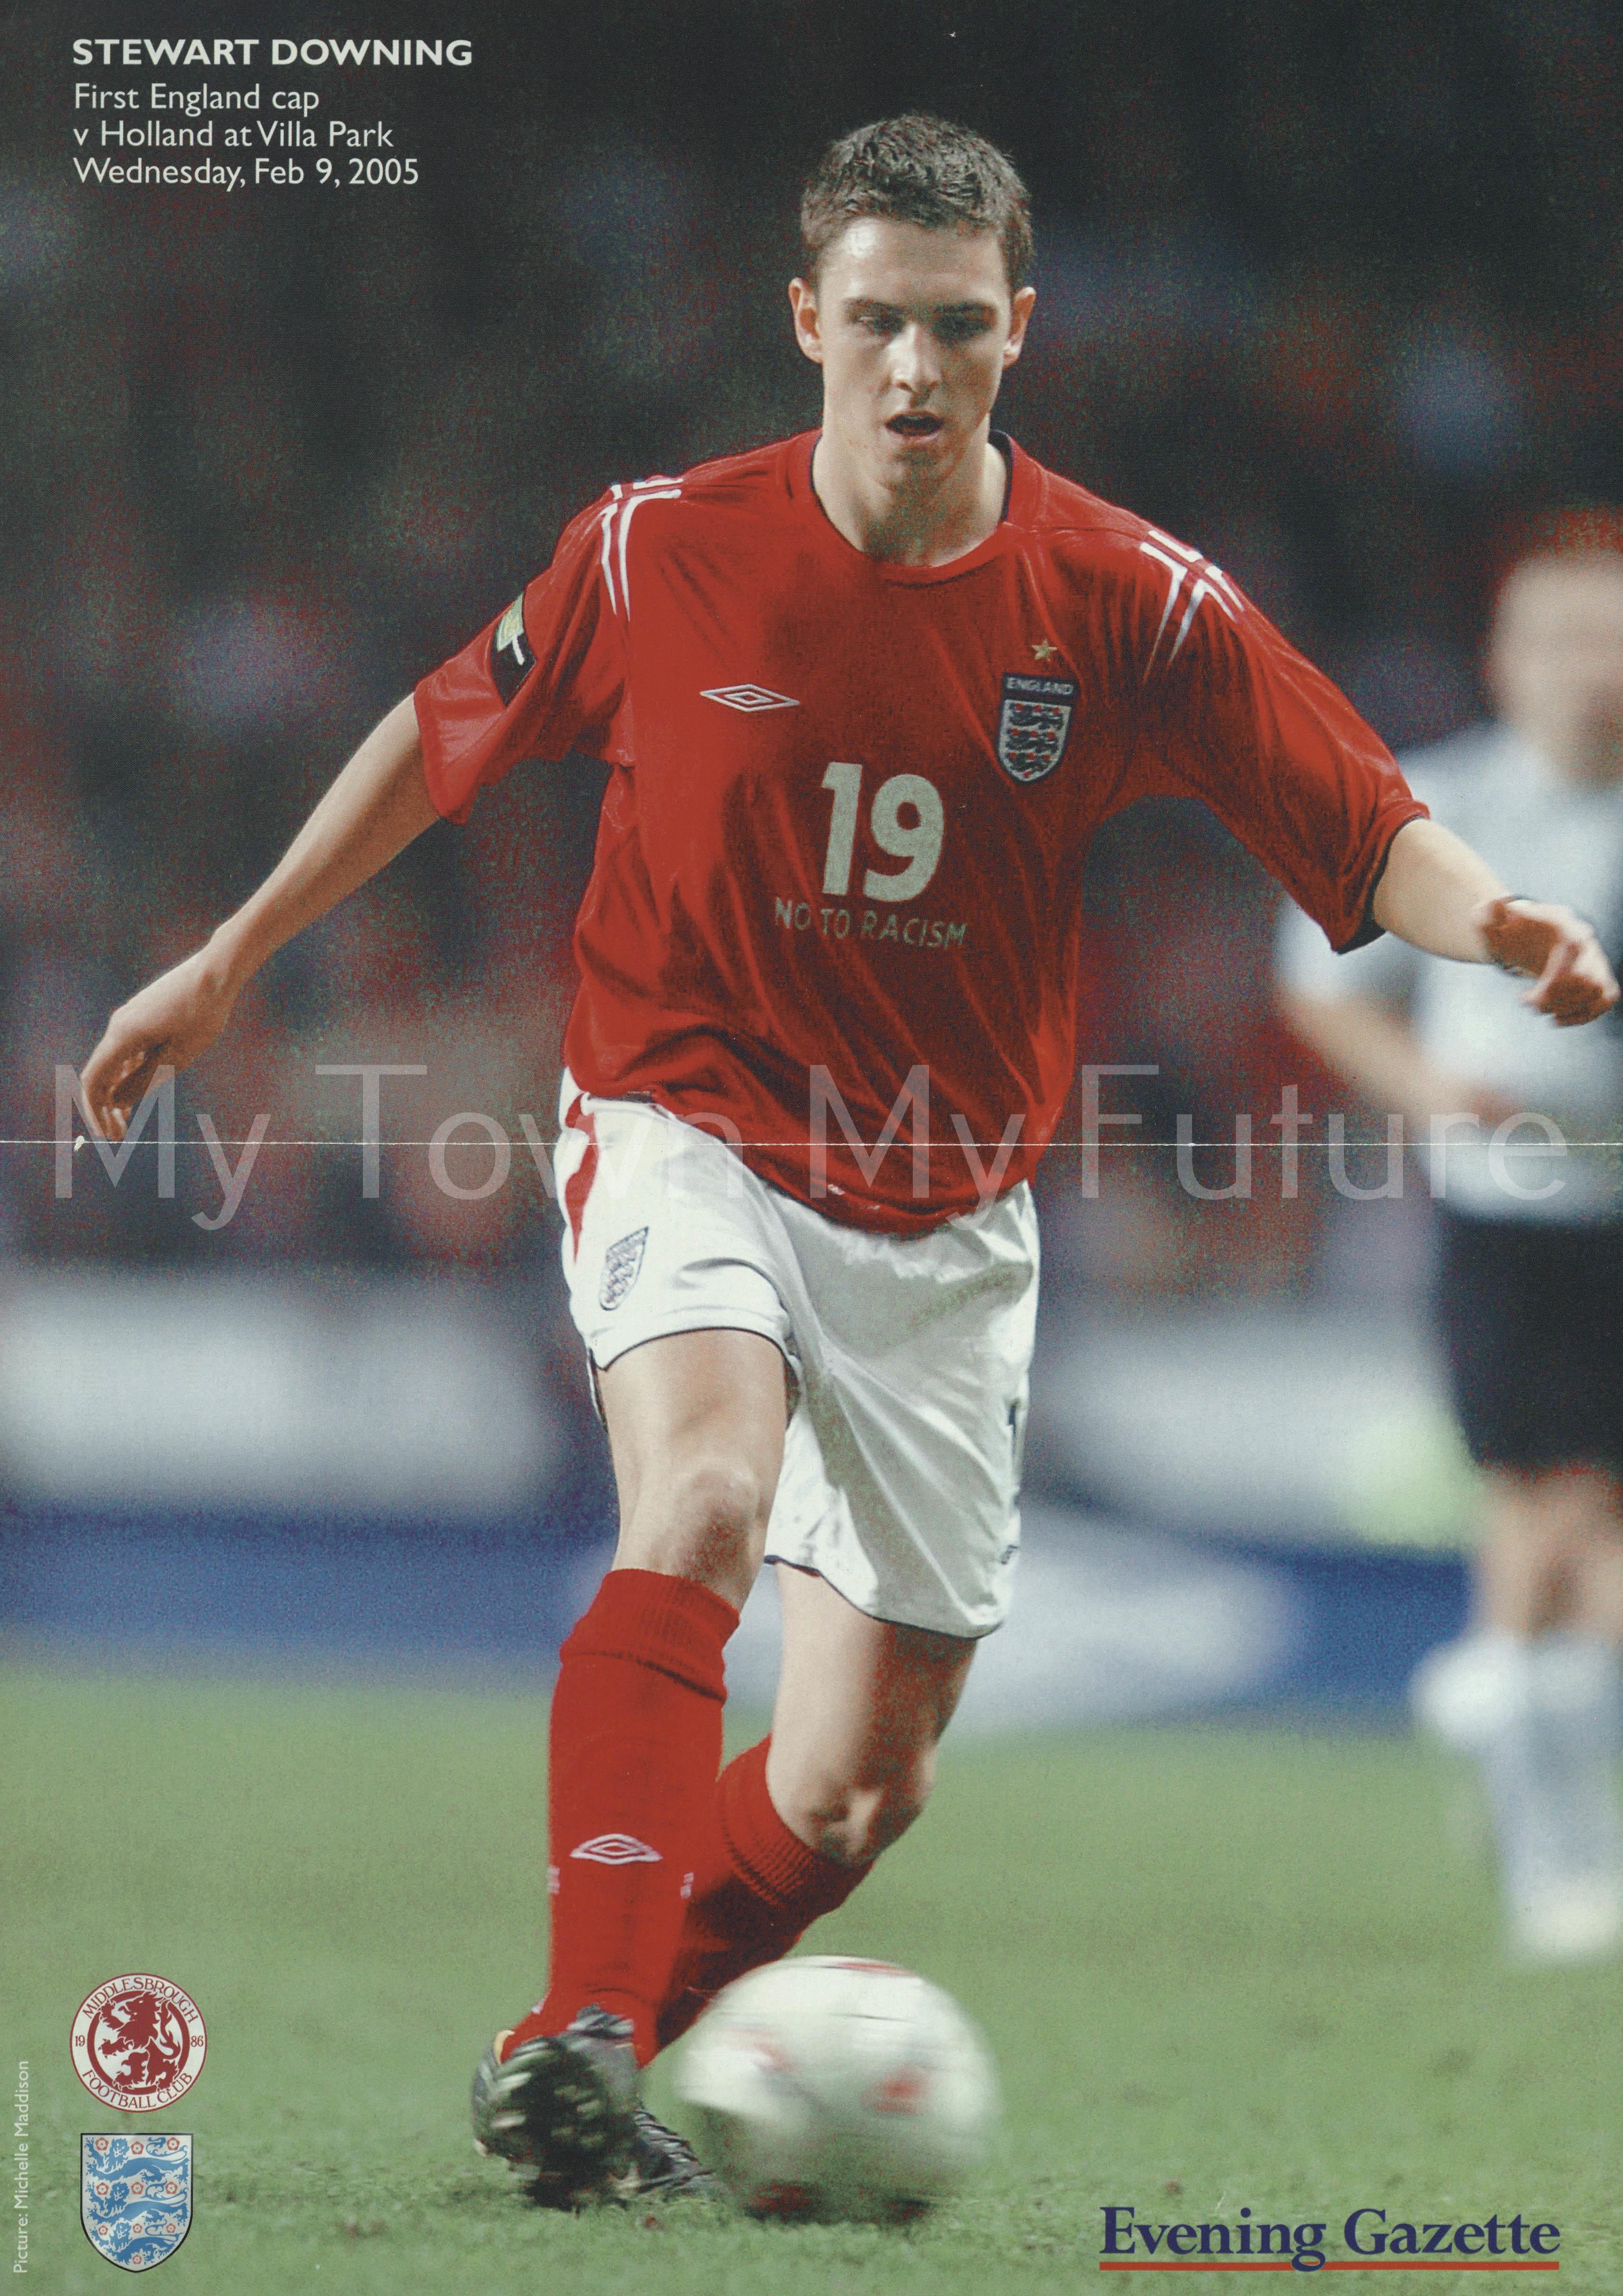 Middlesbrough Football Club,Stewart Downing